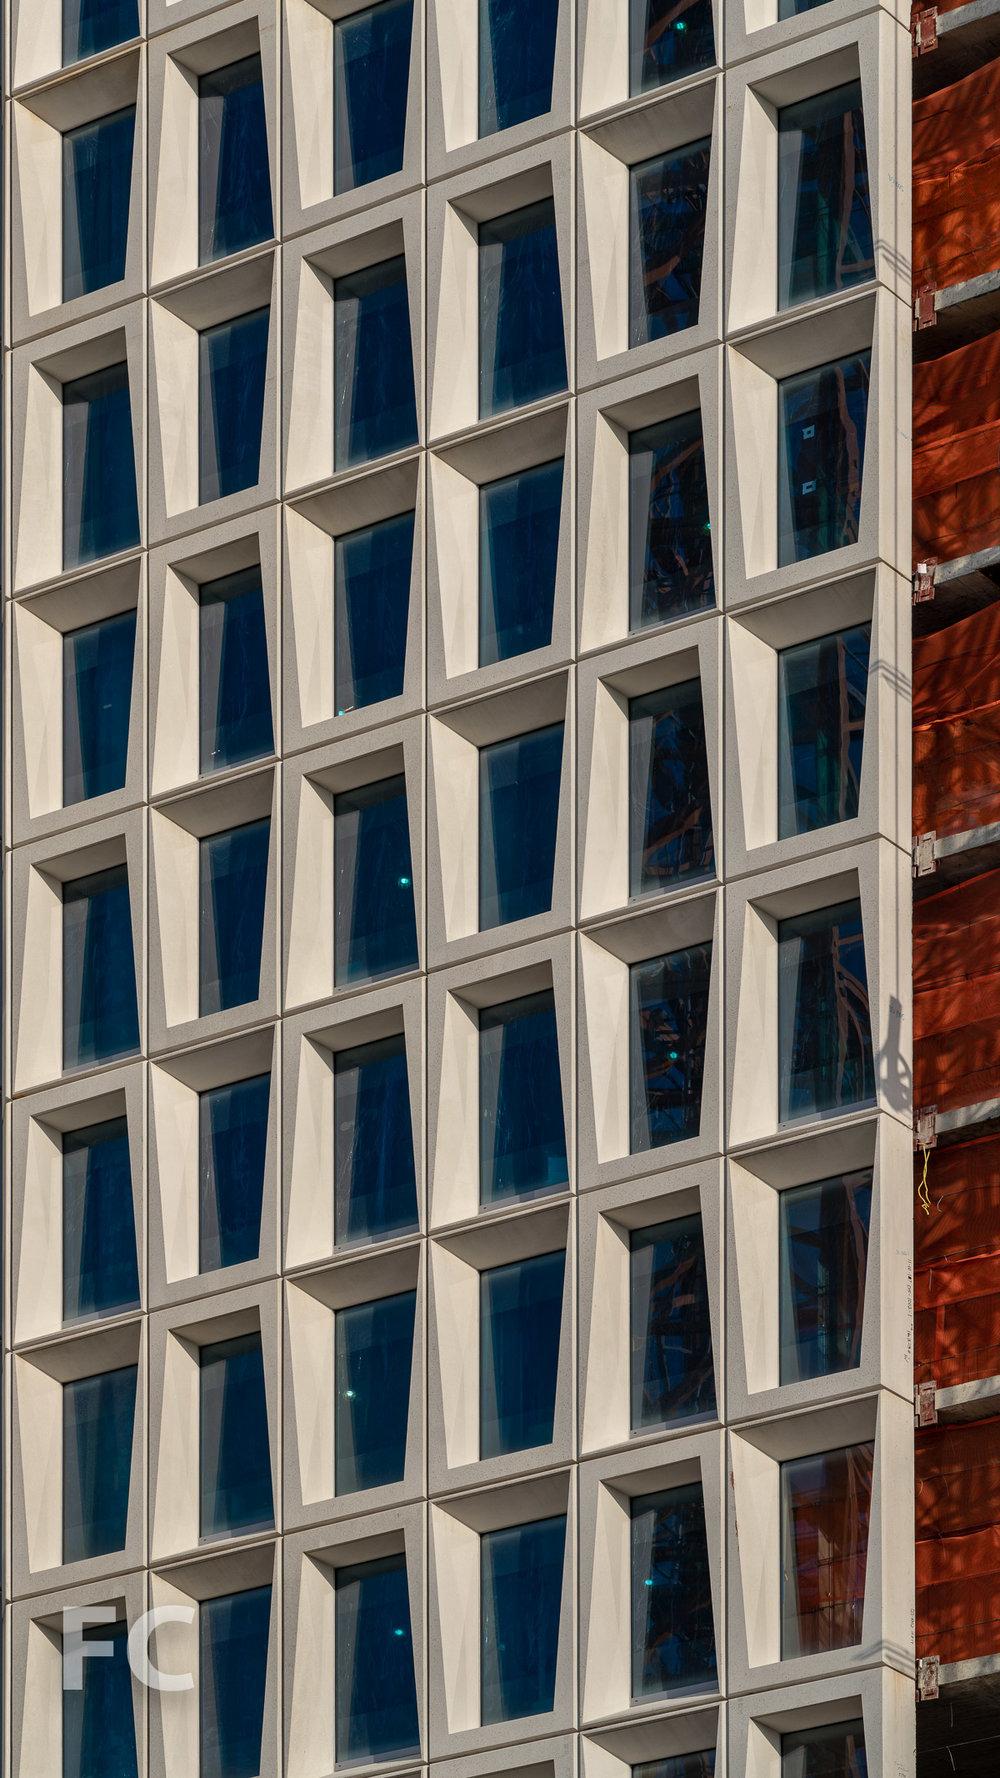 Closeup of the facade panels